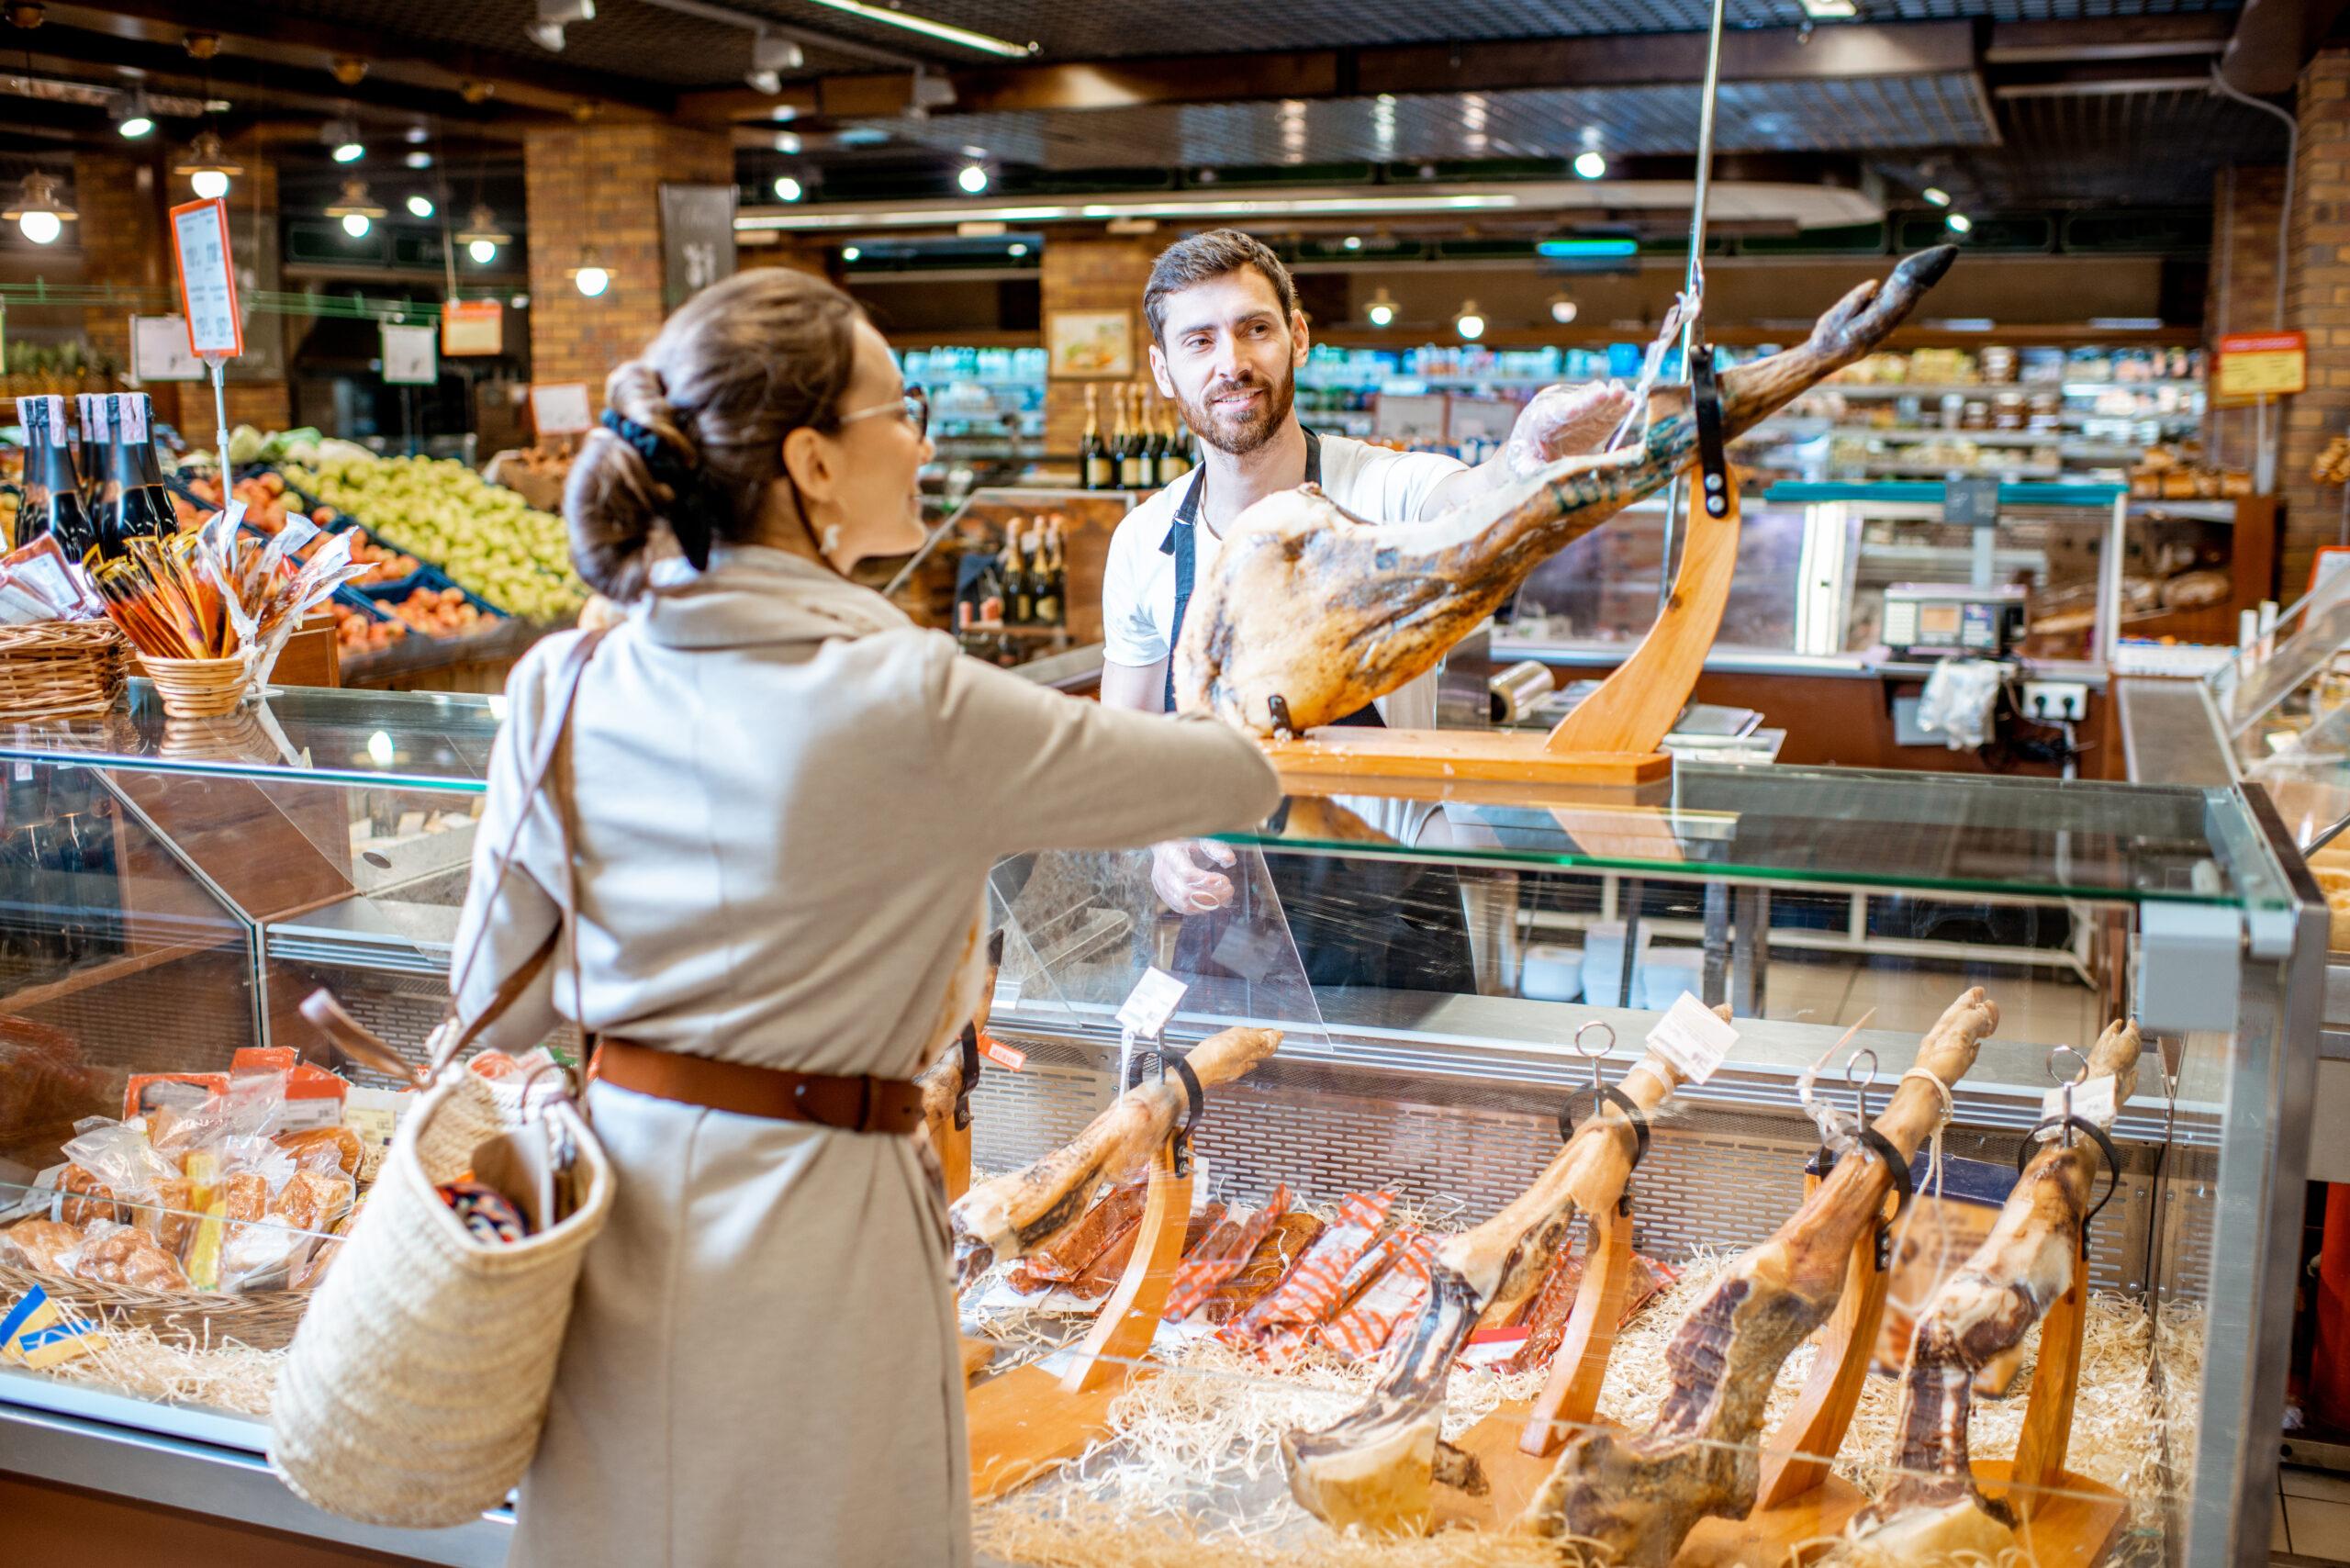 atendimento ao cliente no supermercado